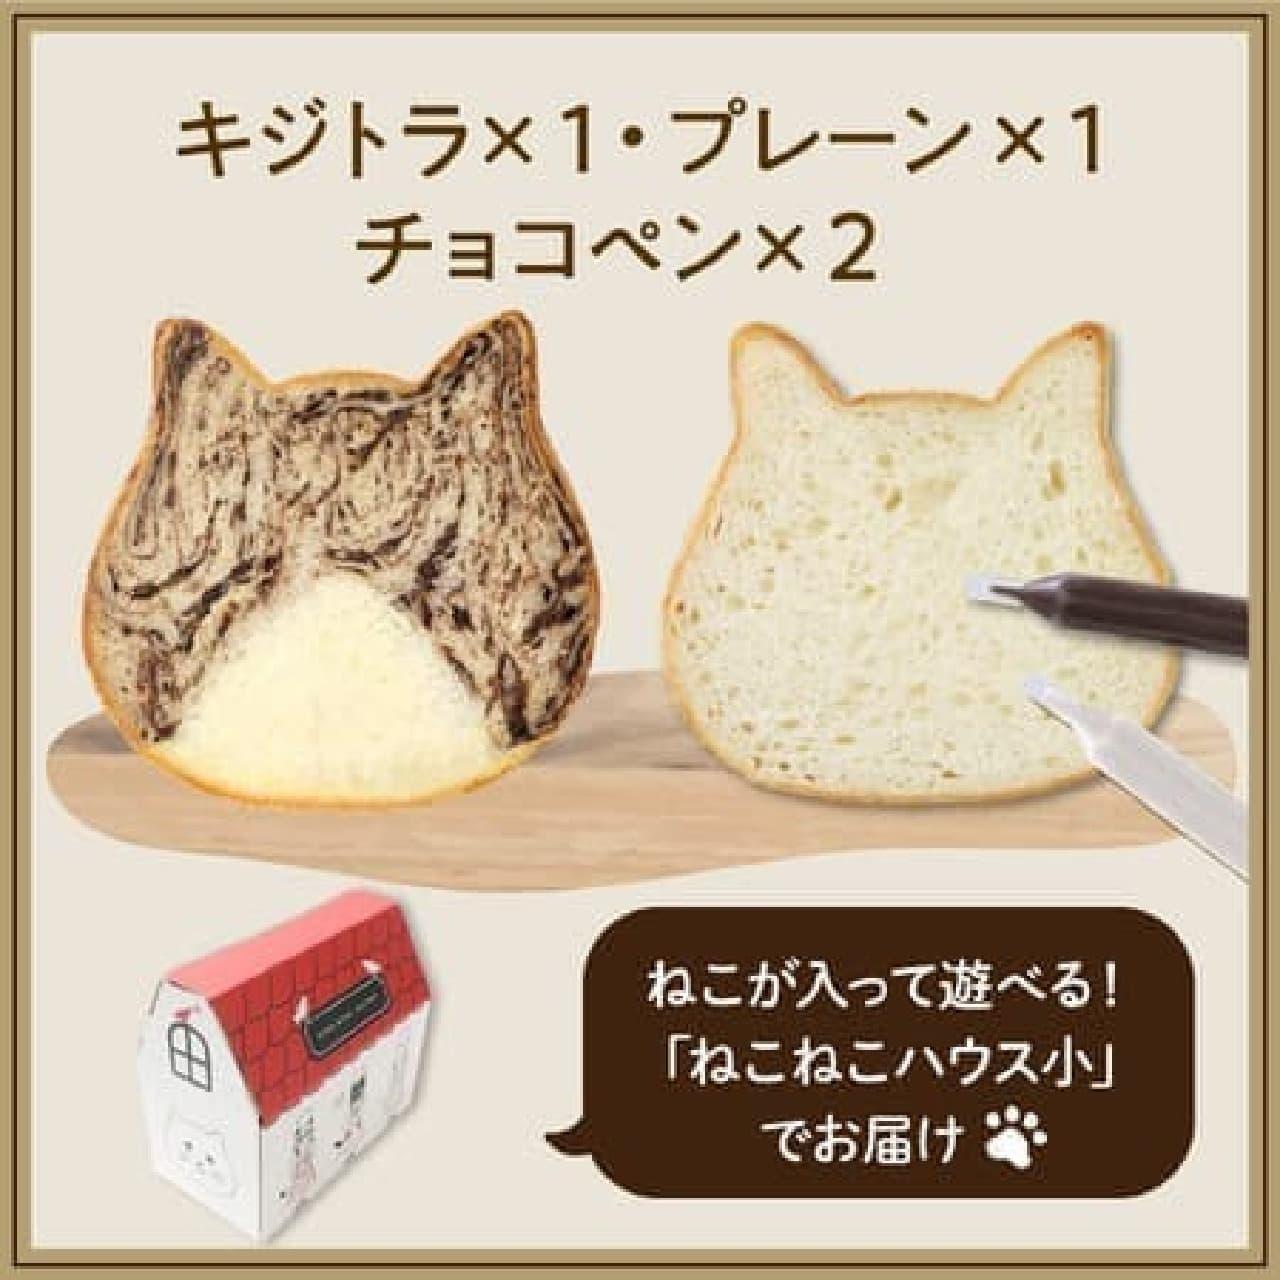 ねこねこ食パン(キジトラ&プレーン)